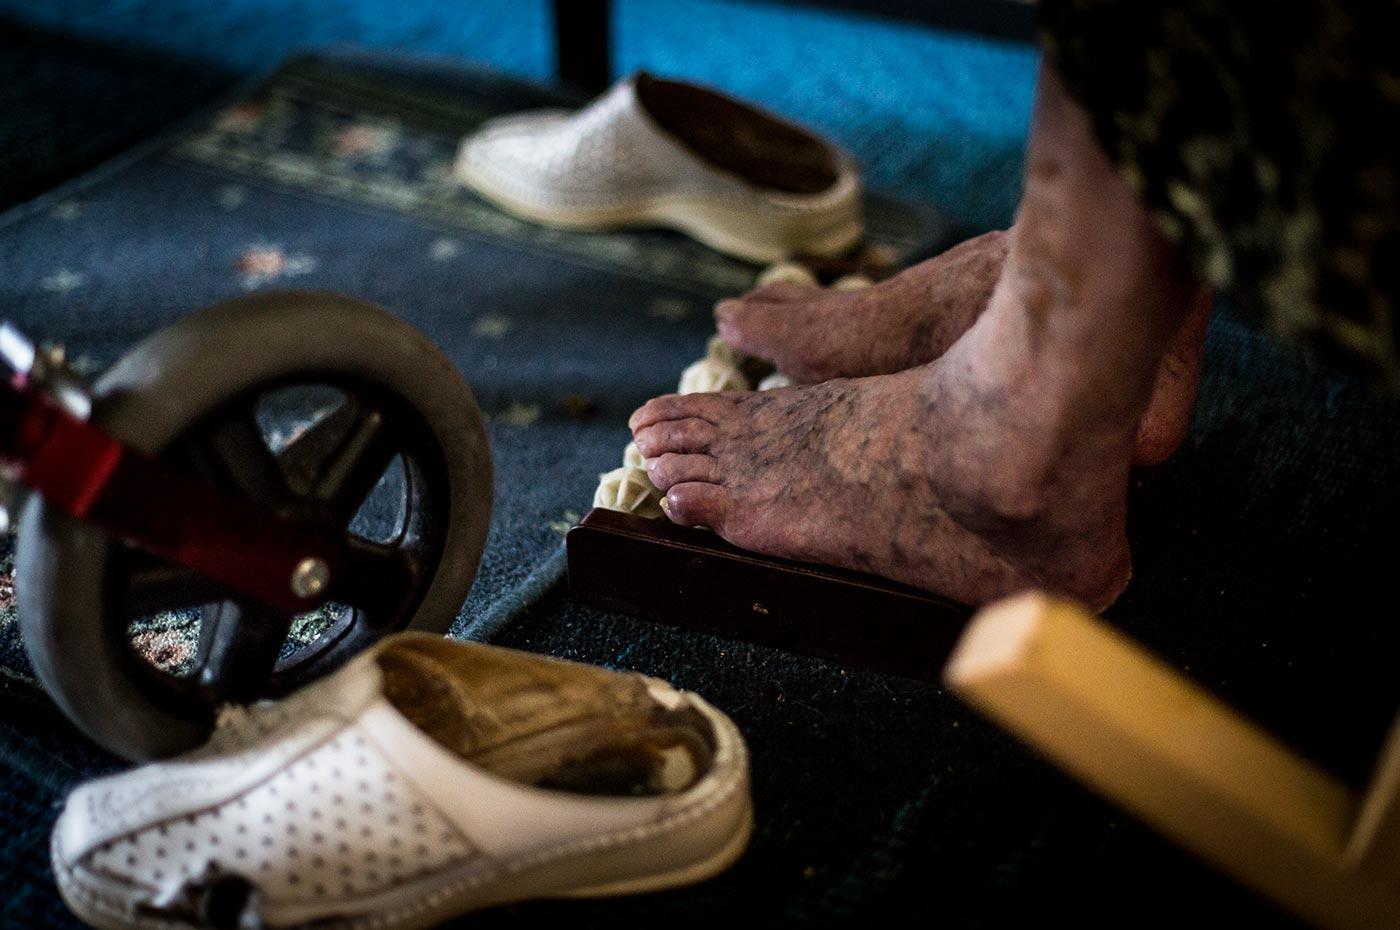 Old Age Loneliness – Yksinäinen vanhuus, 2015